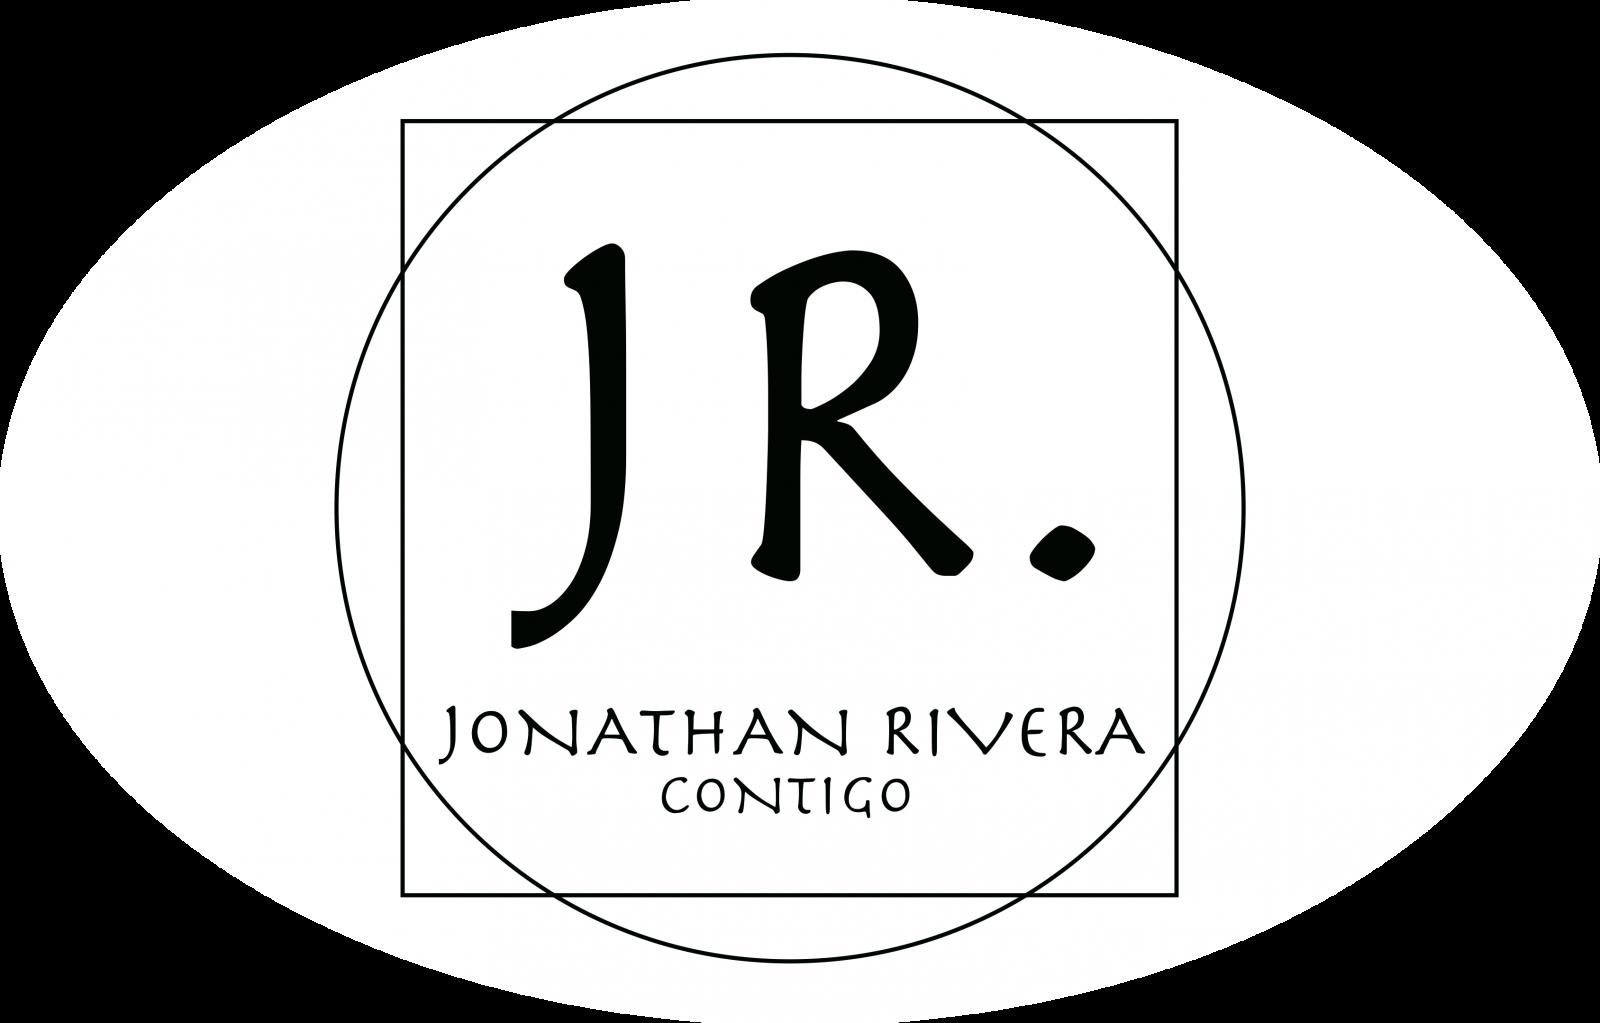 Jonathan Rivera Contigo